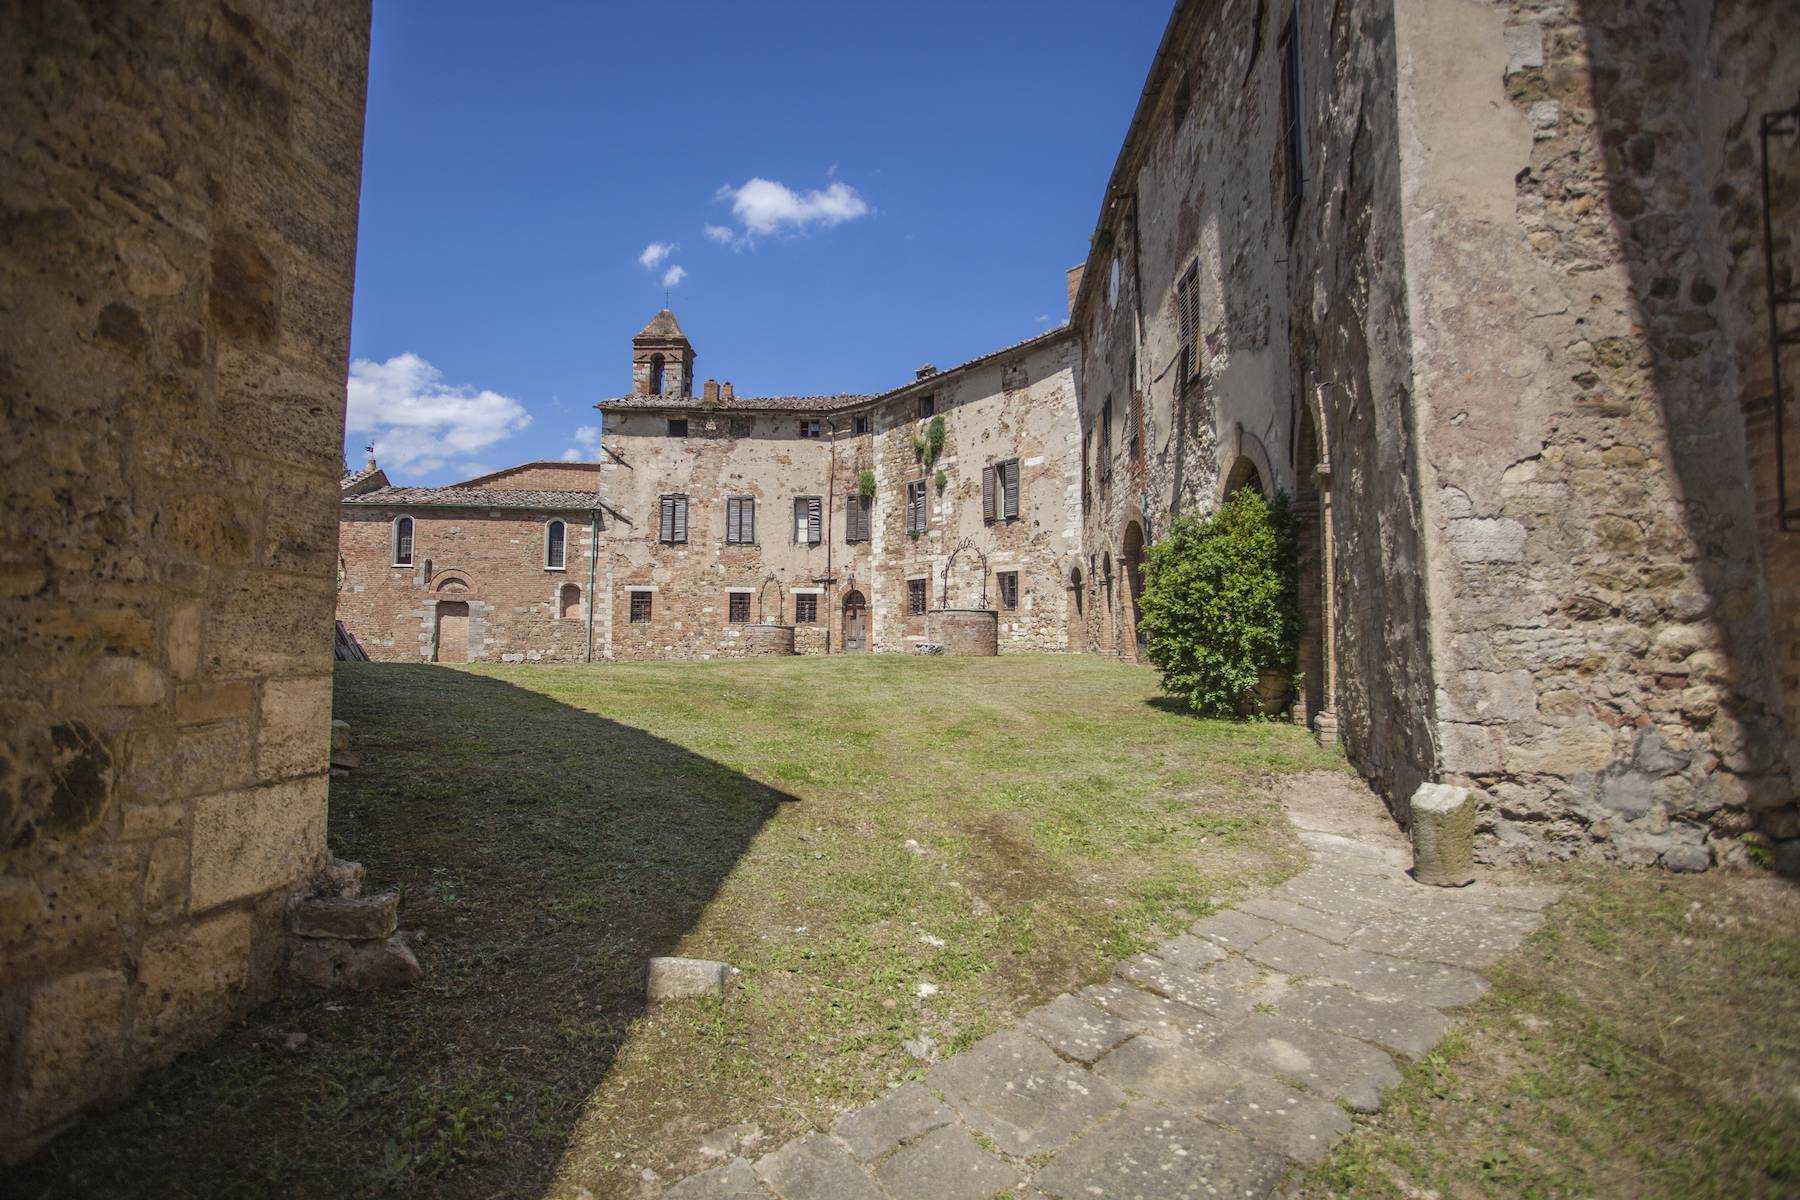 Herrliches Schloss mit Burg aus dem 12. jahrhundert auf dem Land von Siena - 4